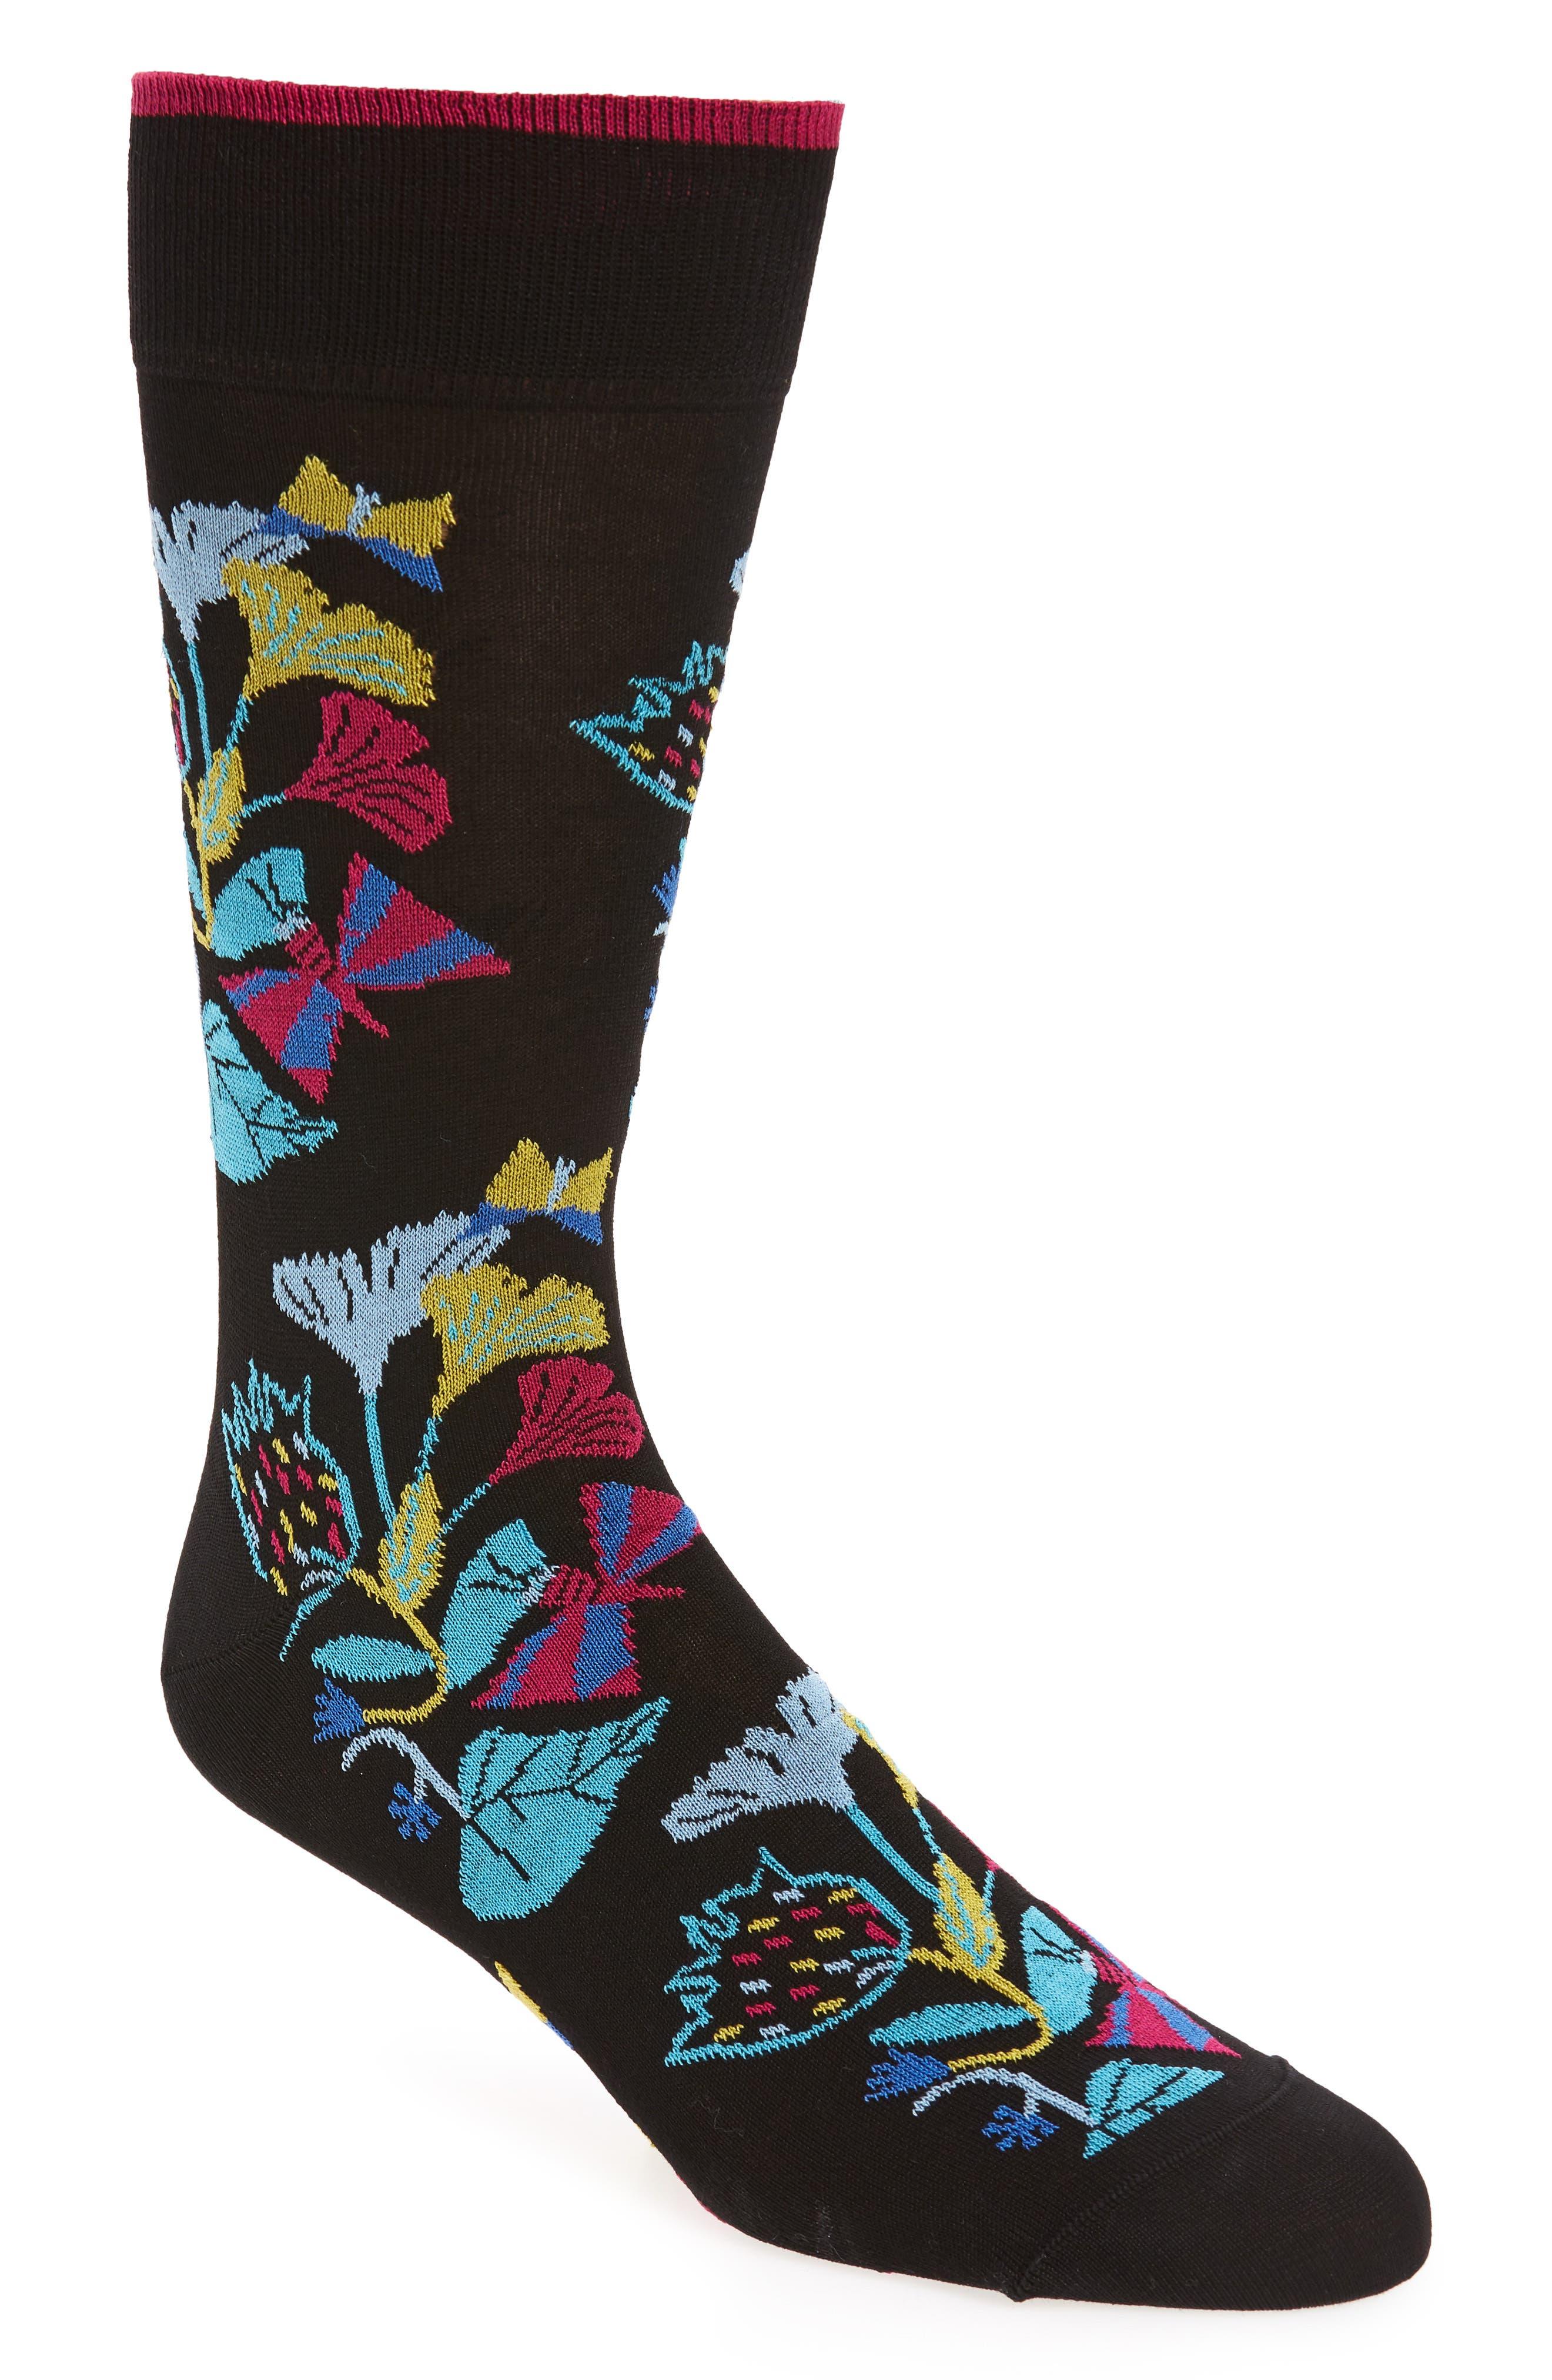 Cotton Blend Socks,                         Main,                         color, 001